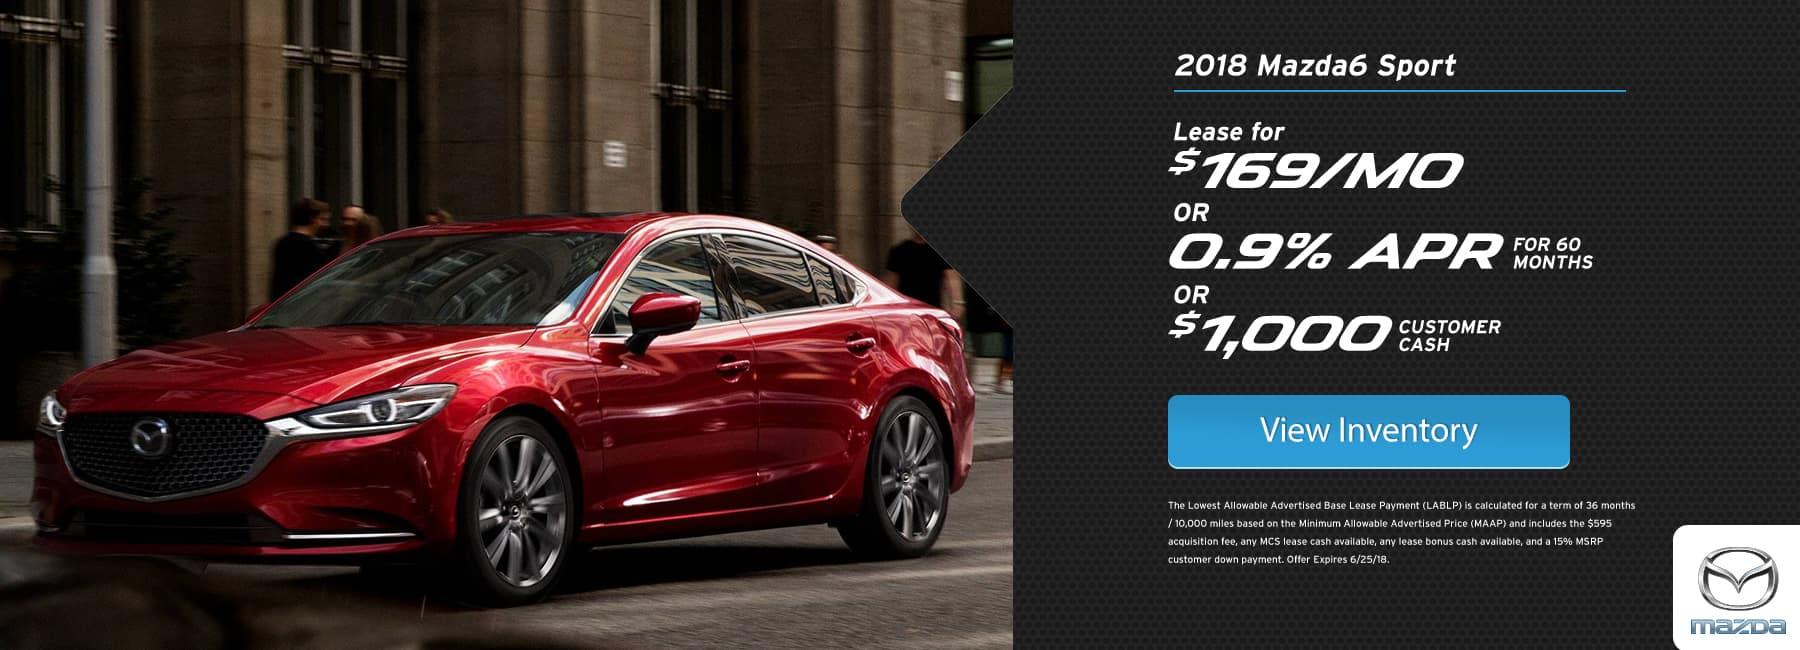 Mazda6_June